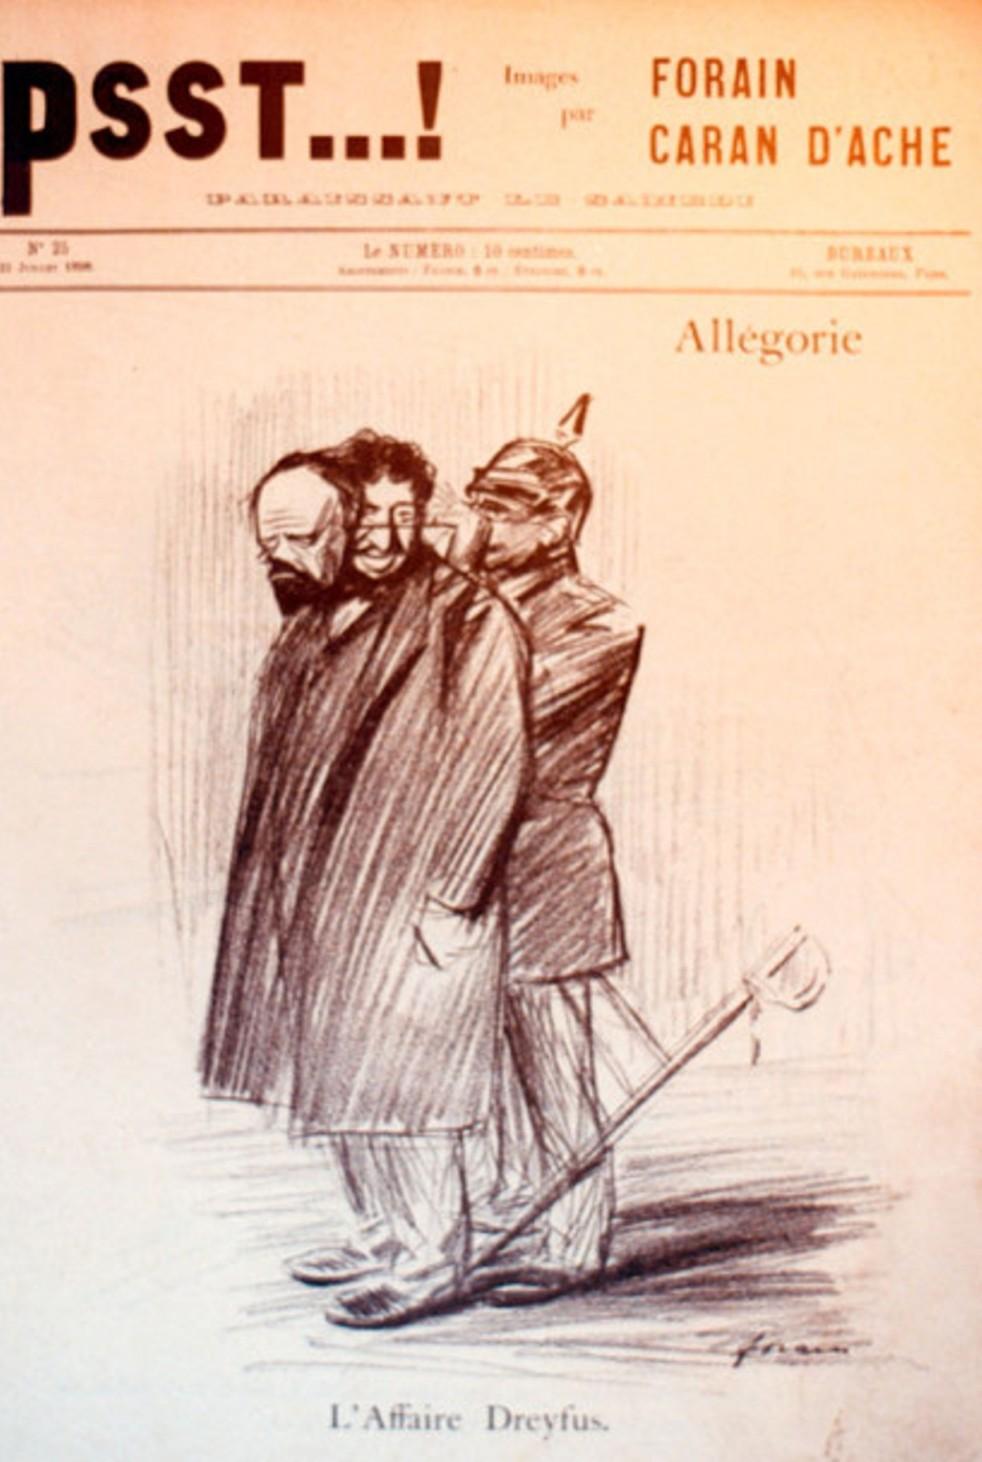 Image - L'Affaire Dreyfus - Allégorie